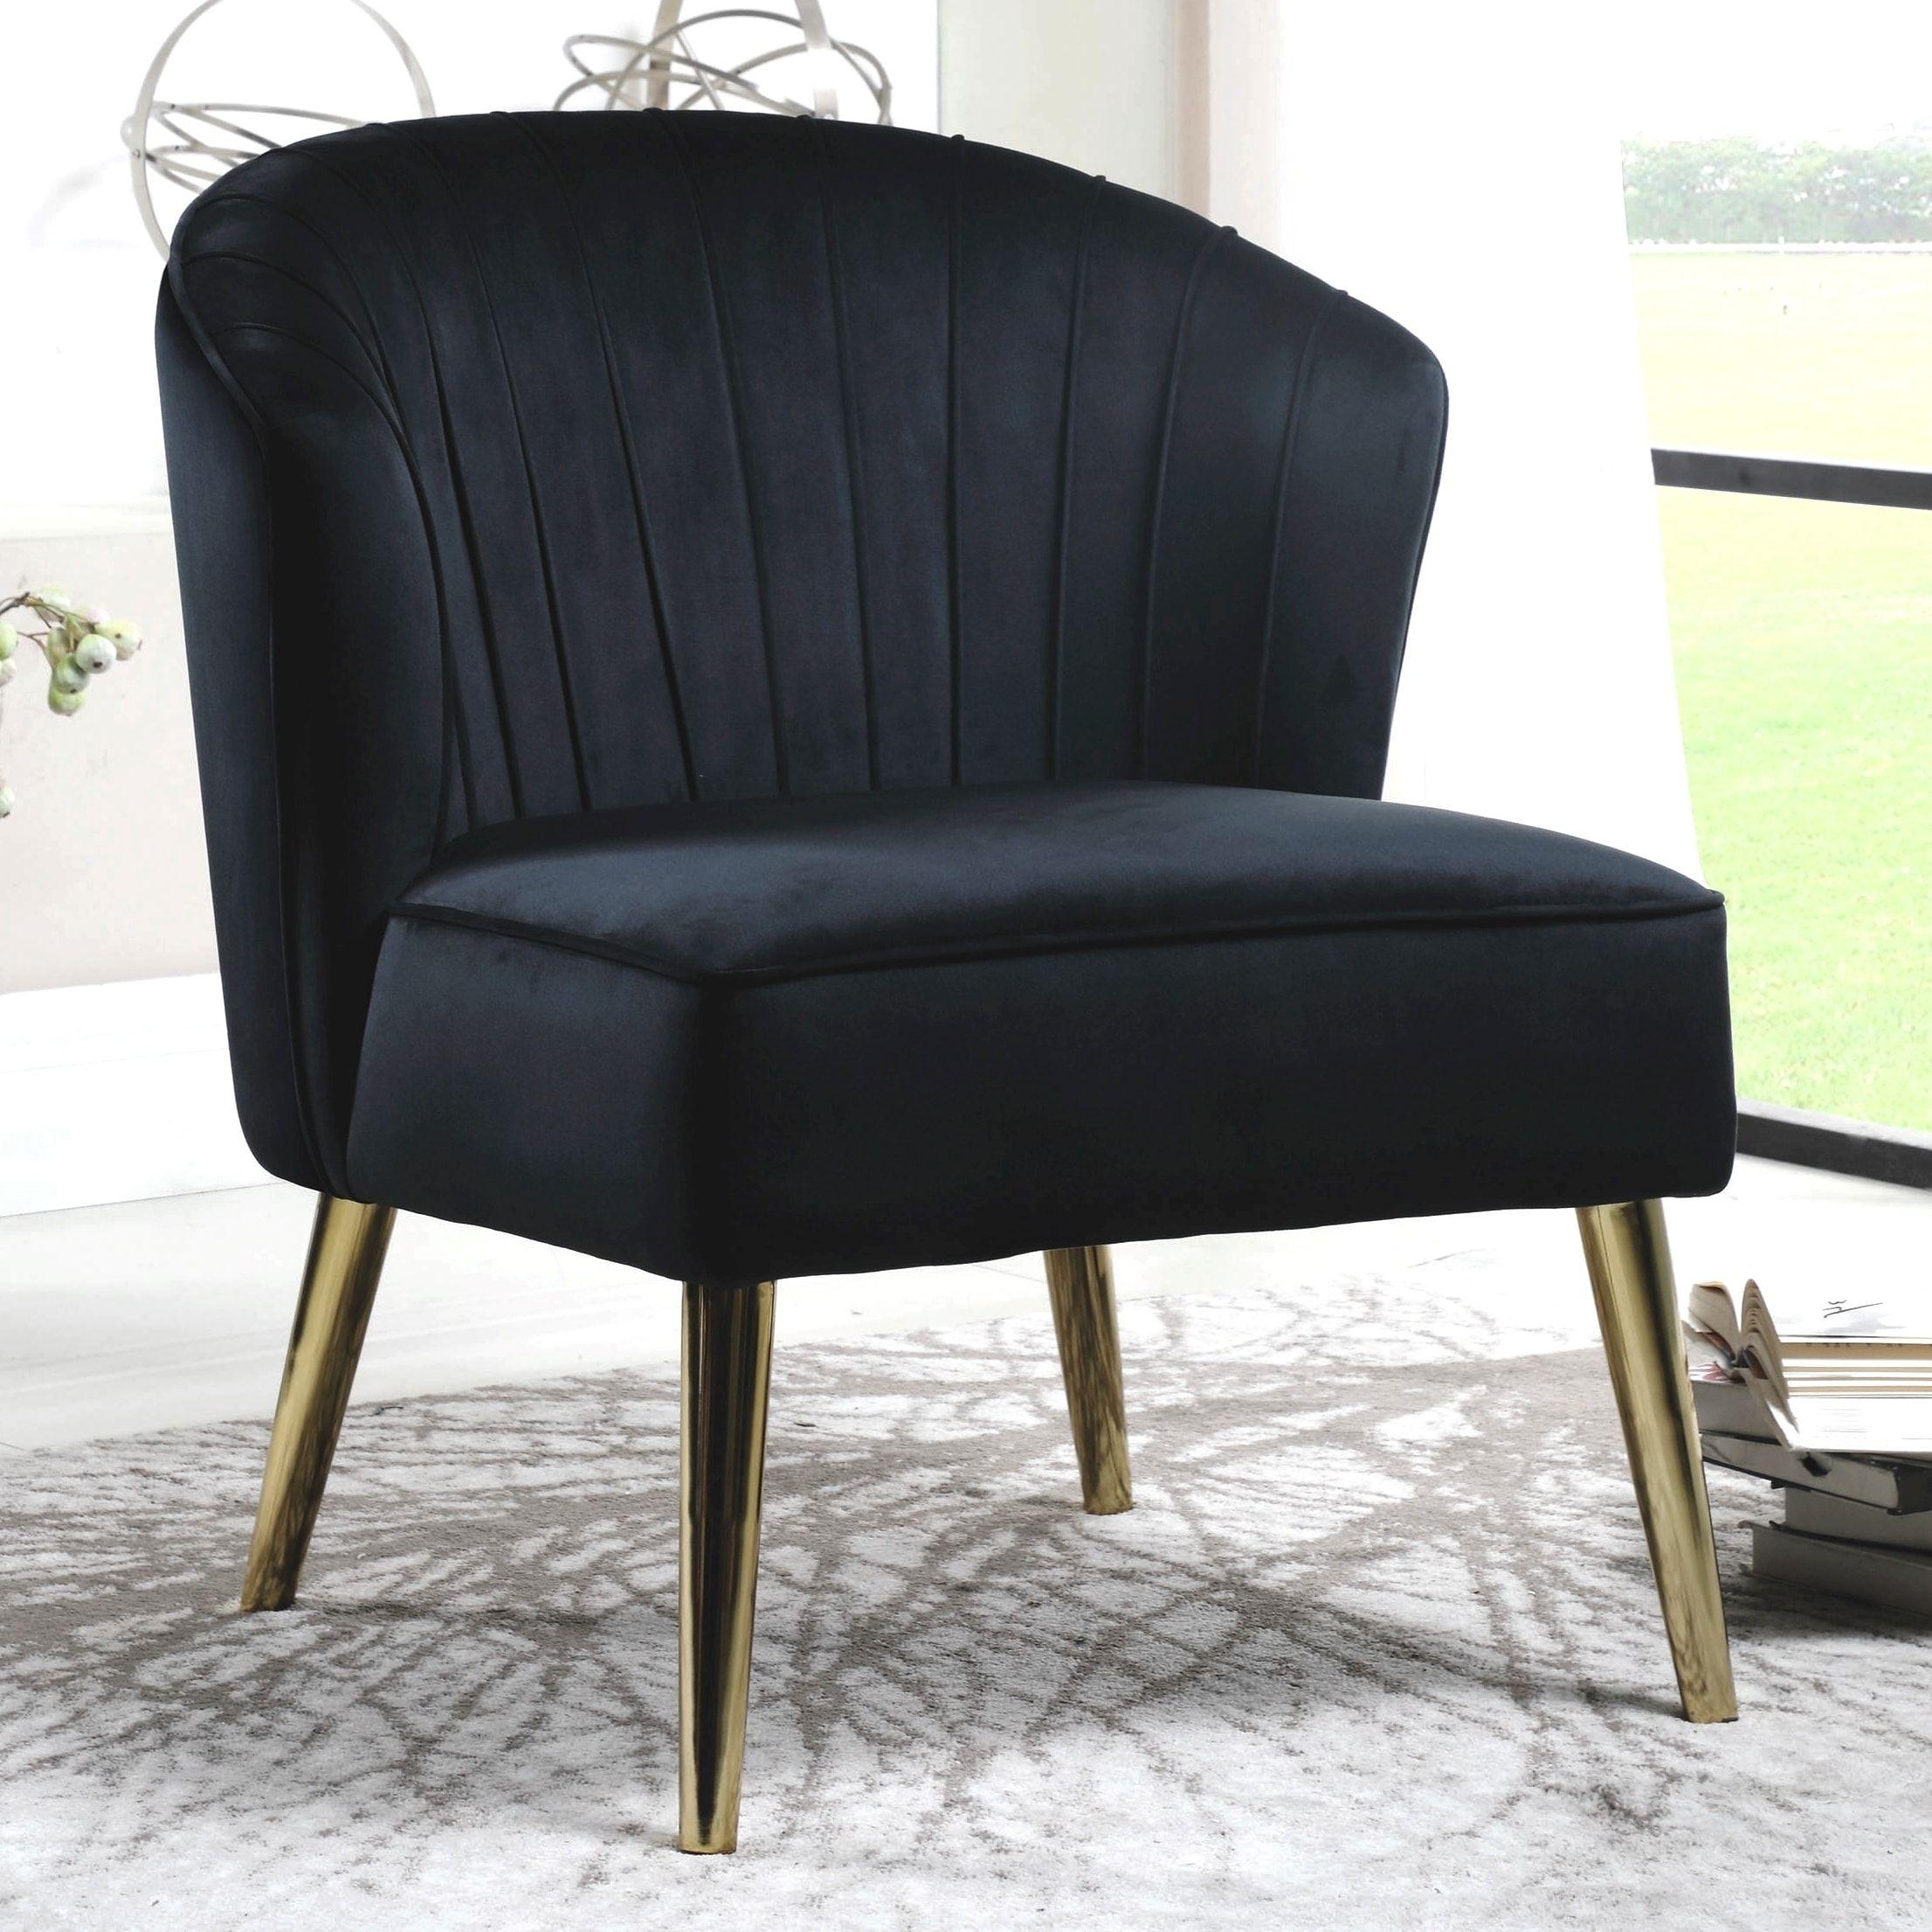 Black velvetbrass midcentury modern living room accent